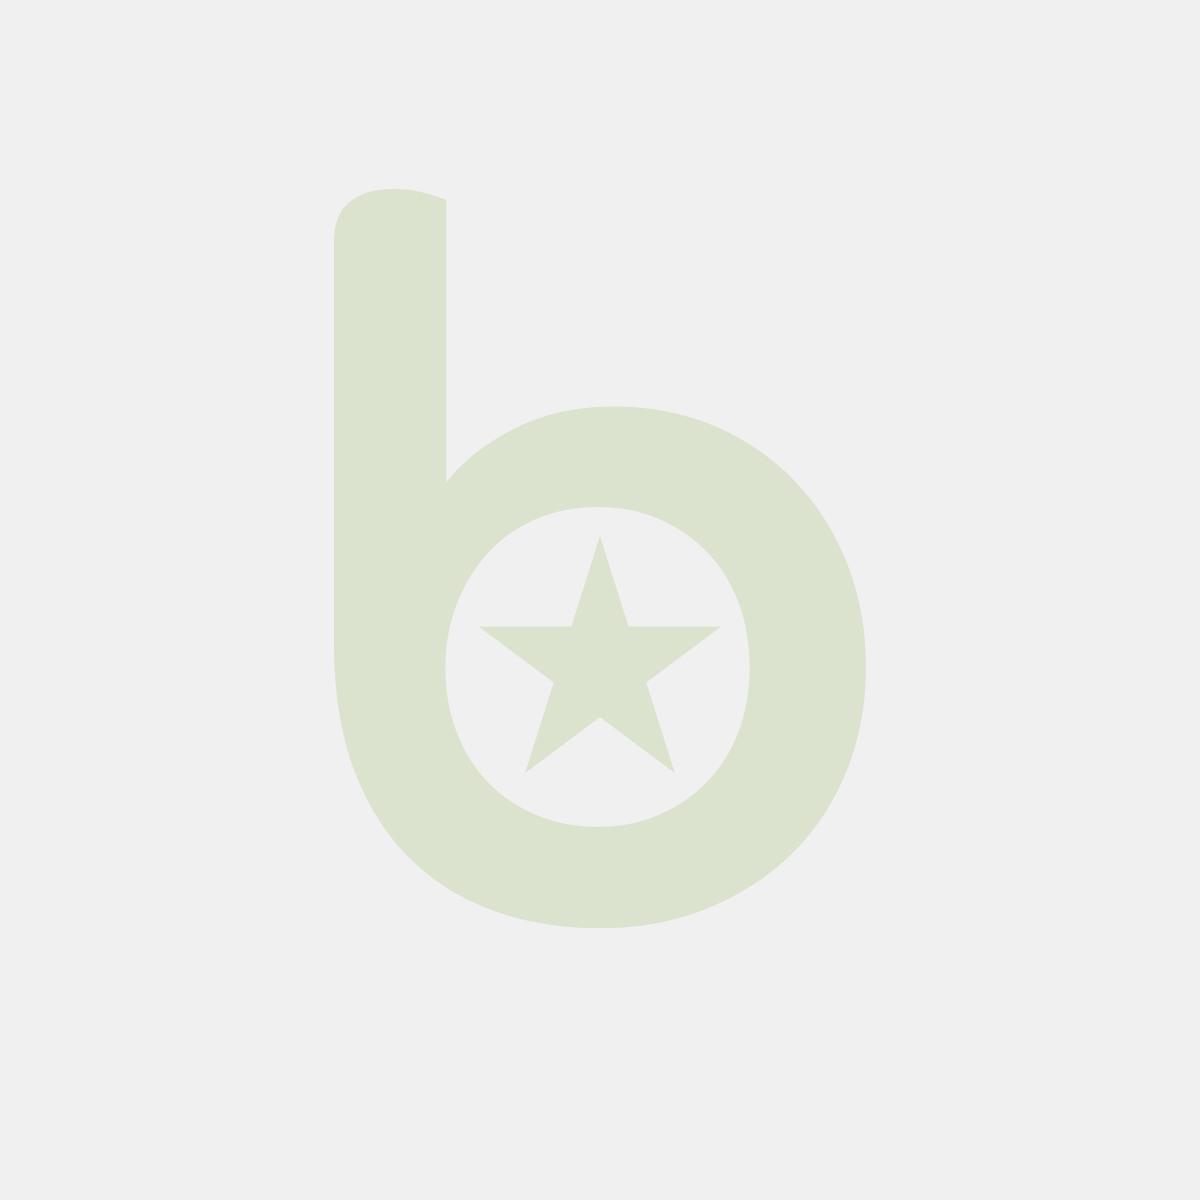 MENUBOX trzcina średni niedzielony op.50szt 22x20x7,7 cm (k/4)